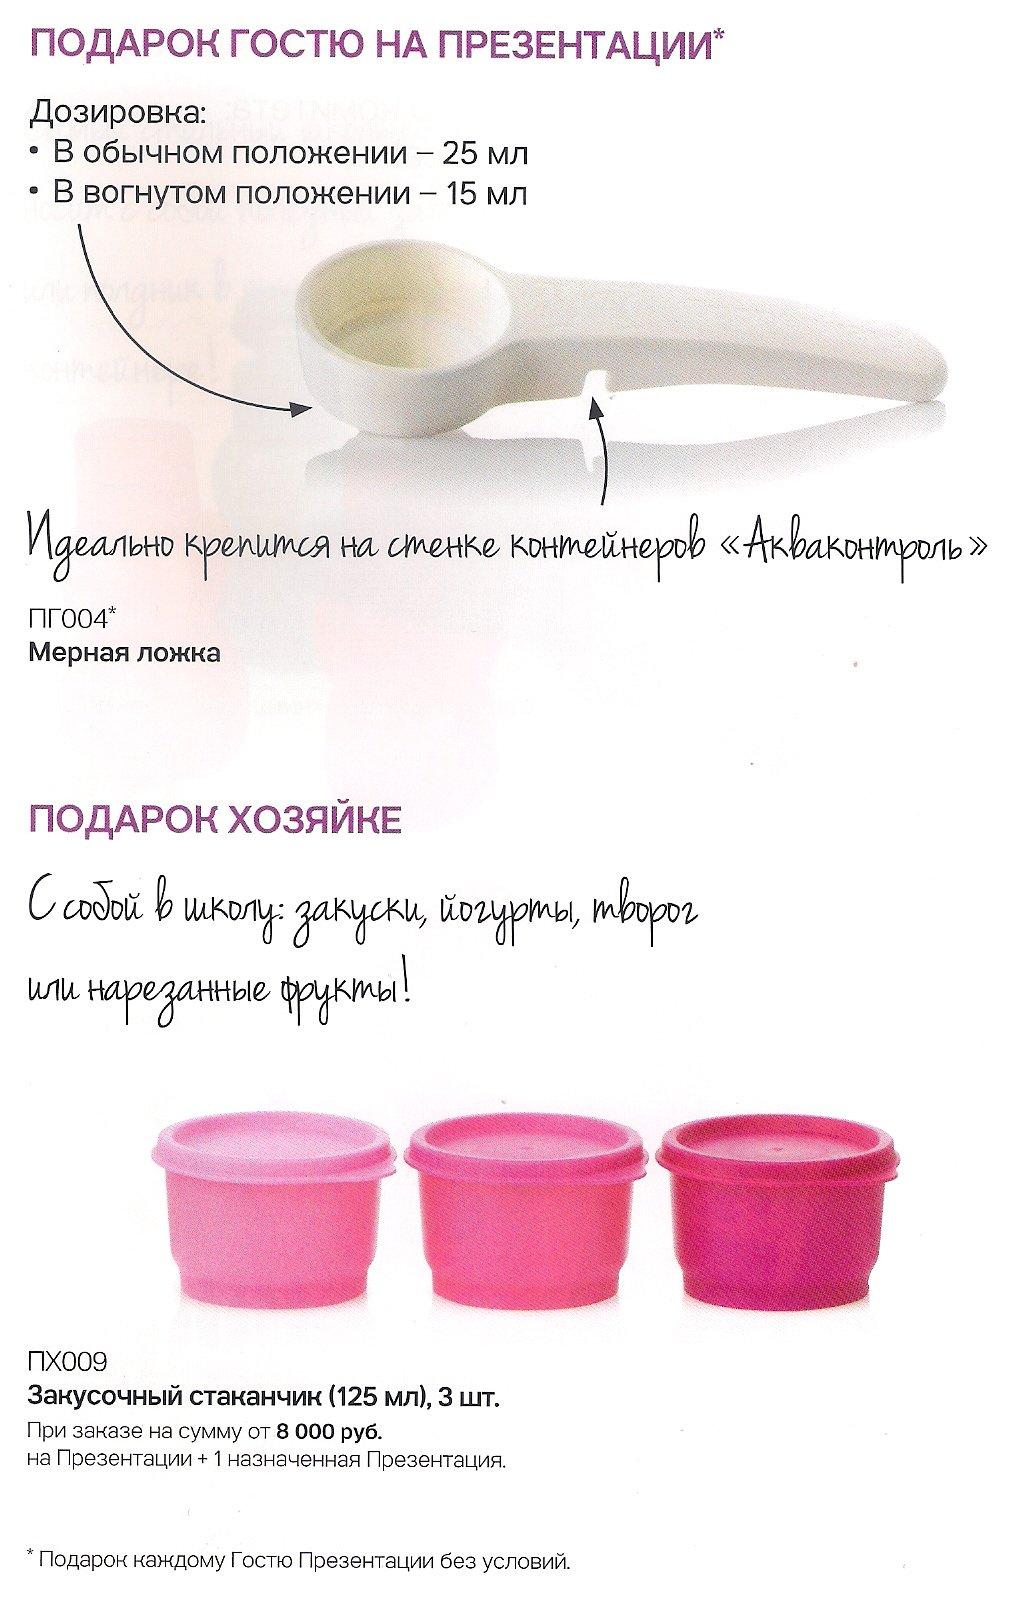 https://tupperware-online.ru/images/upload/6b.jpg